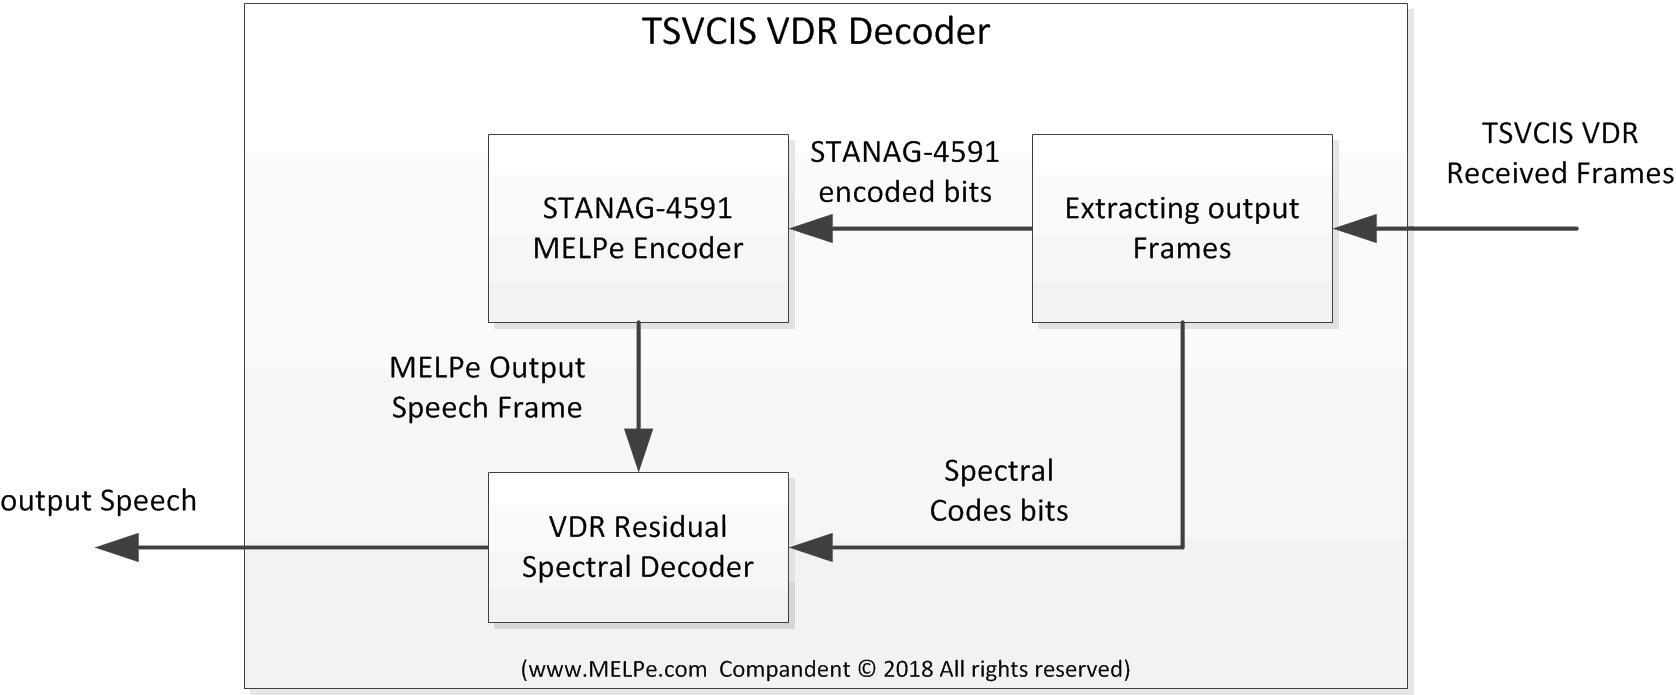 tsvcis-vdr-decoder